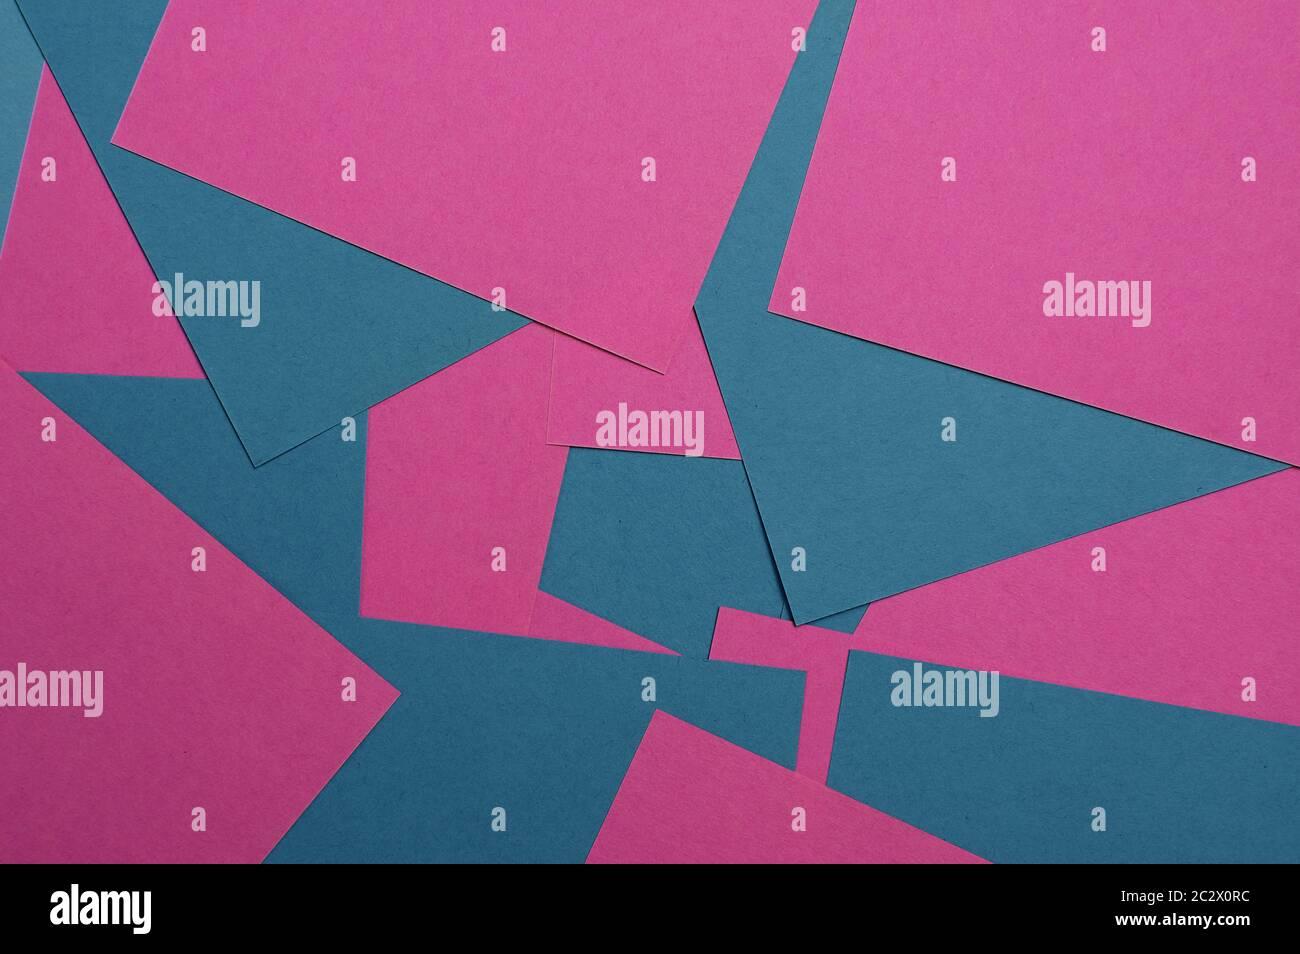 Arrière-plan deux couleurs, rose et bleu. Abstraction géométrique du papier coloré. Banque D'Images